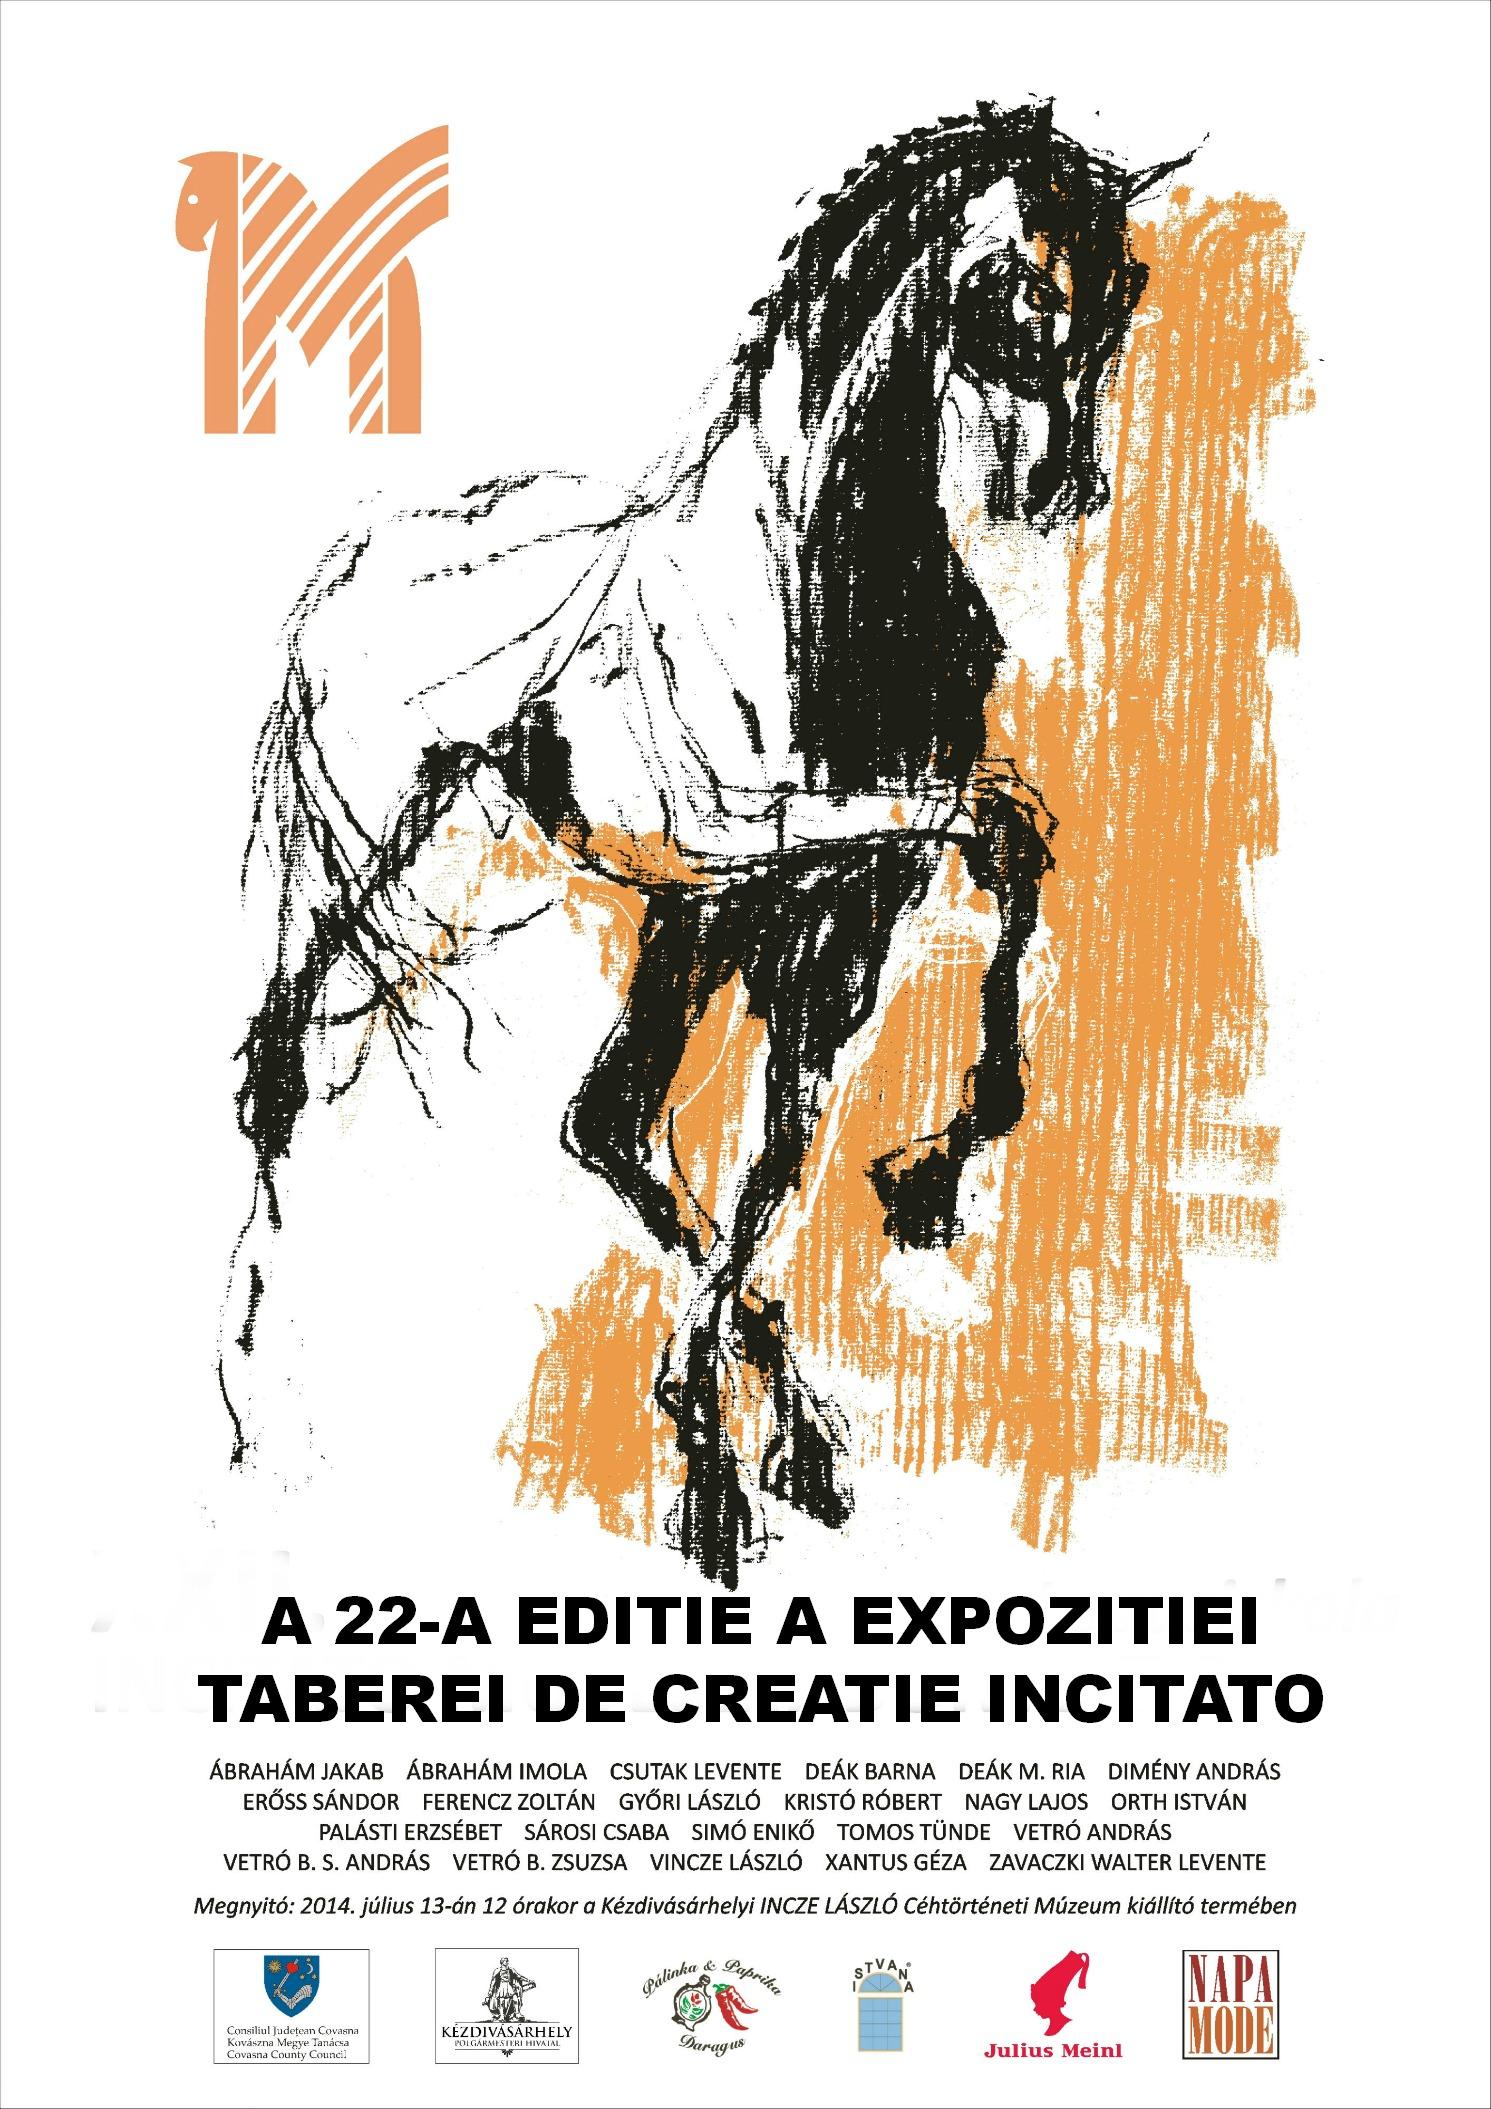 Expoziția taberei de creație Incitato la Târgu Secuiesc, jud. Covasna